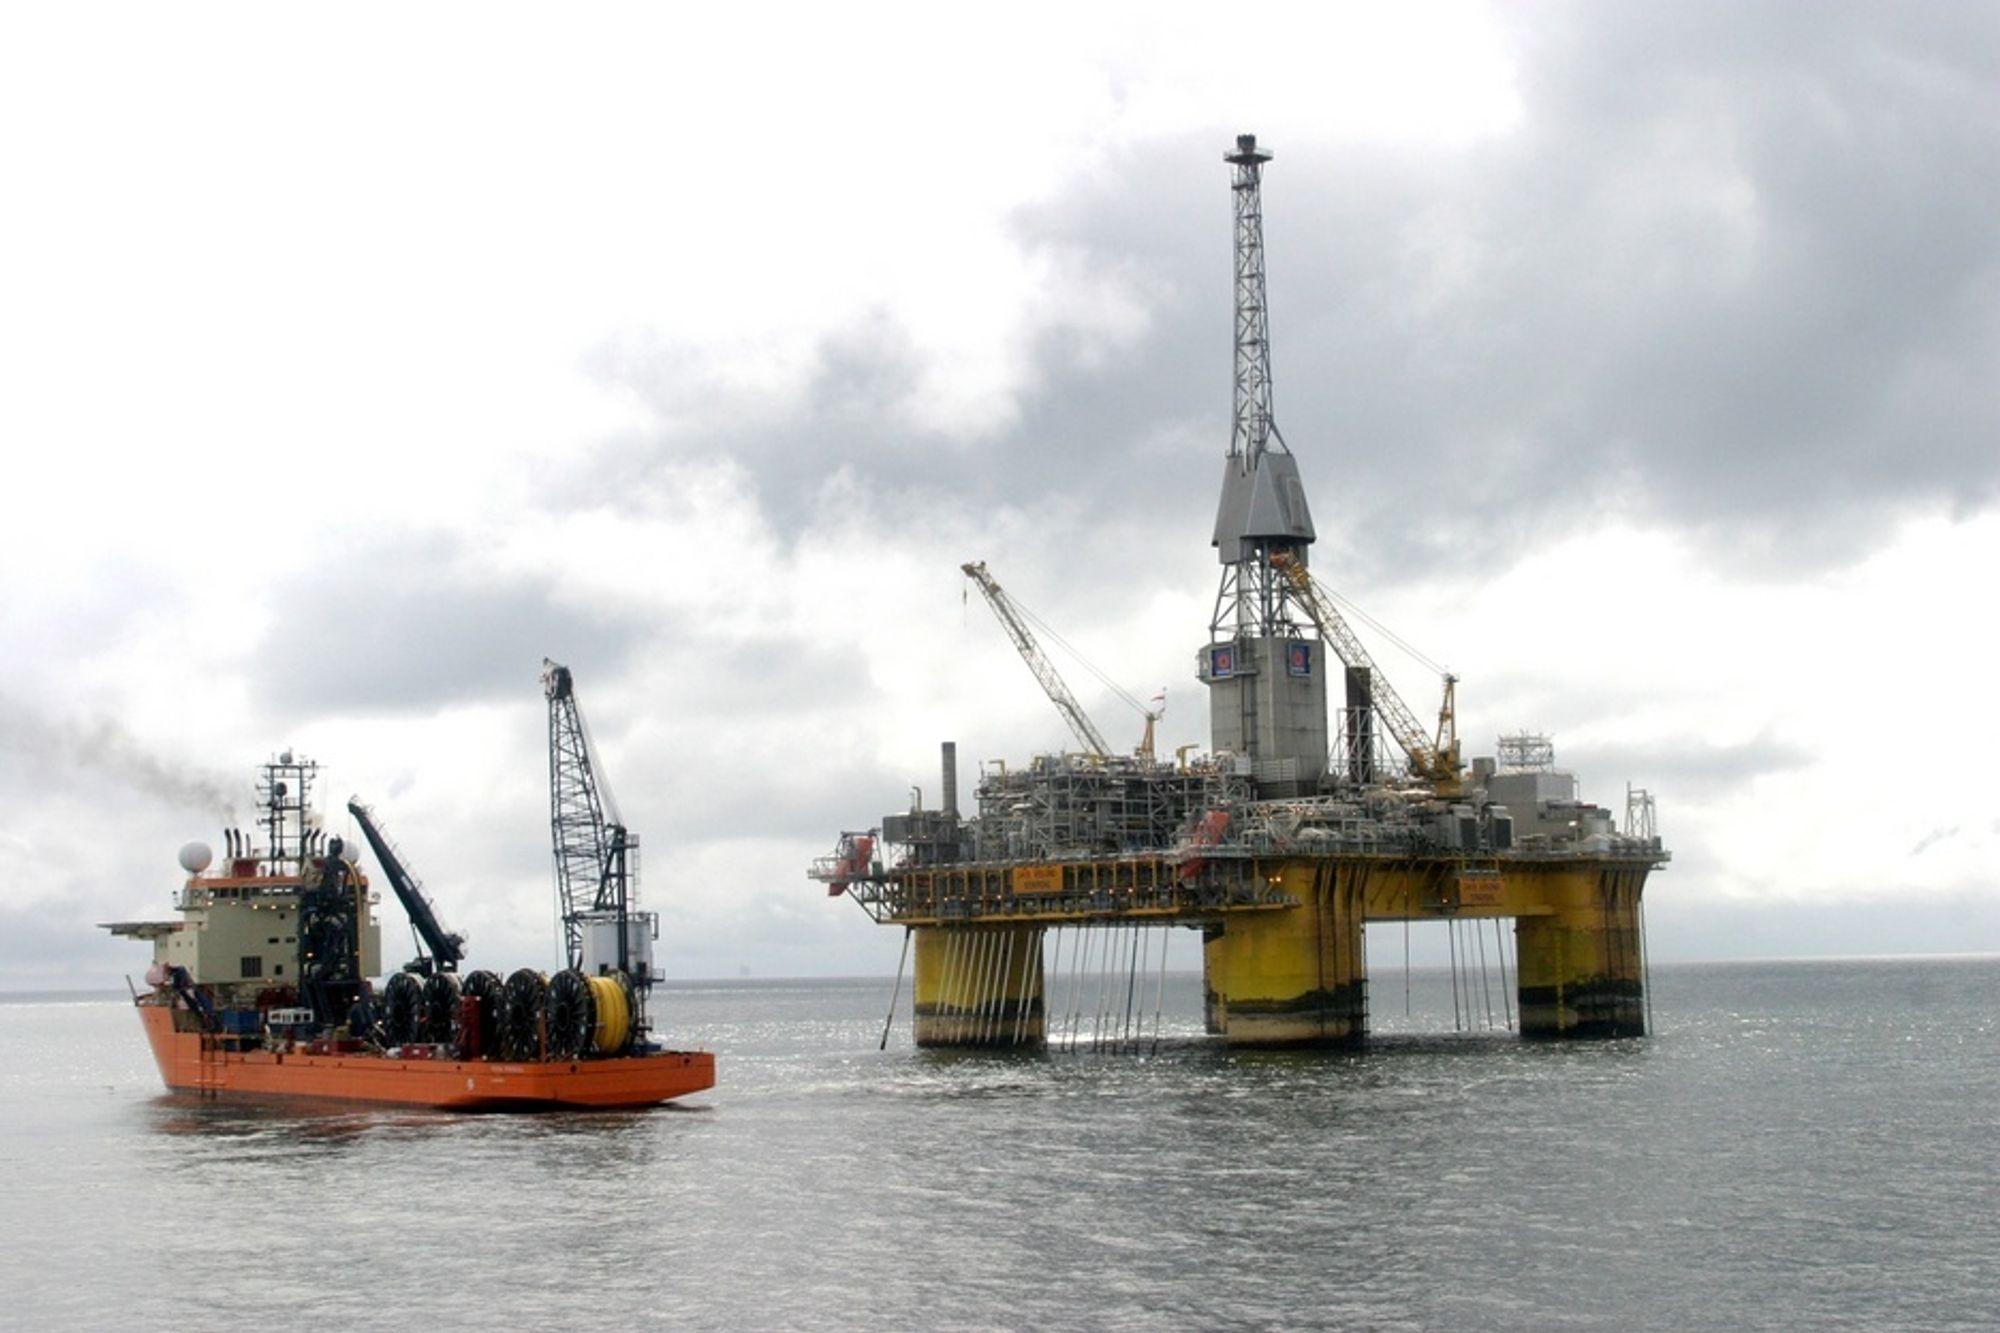 UTE AV DRIFT: Visund har vært ute av drift siden 19 januar. Normalt produserer denne platformen rundt 35 000 fat olje om dagen.